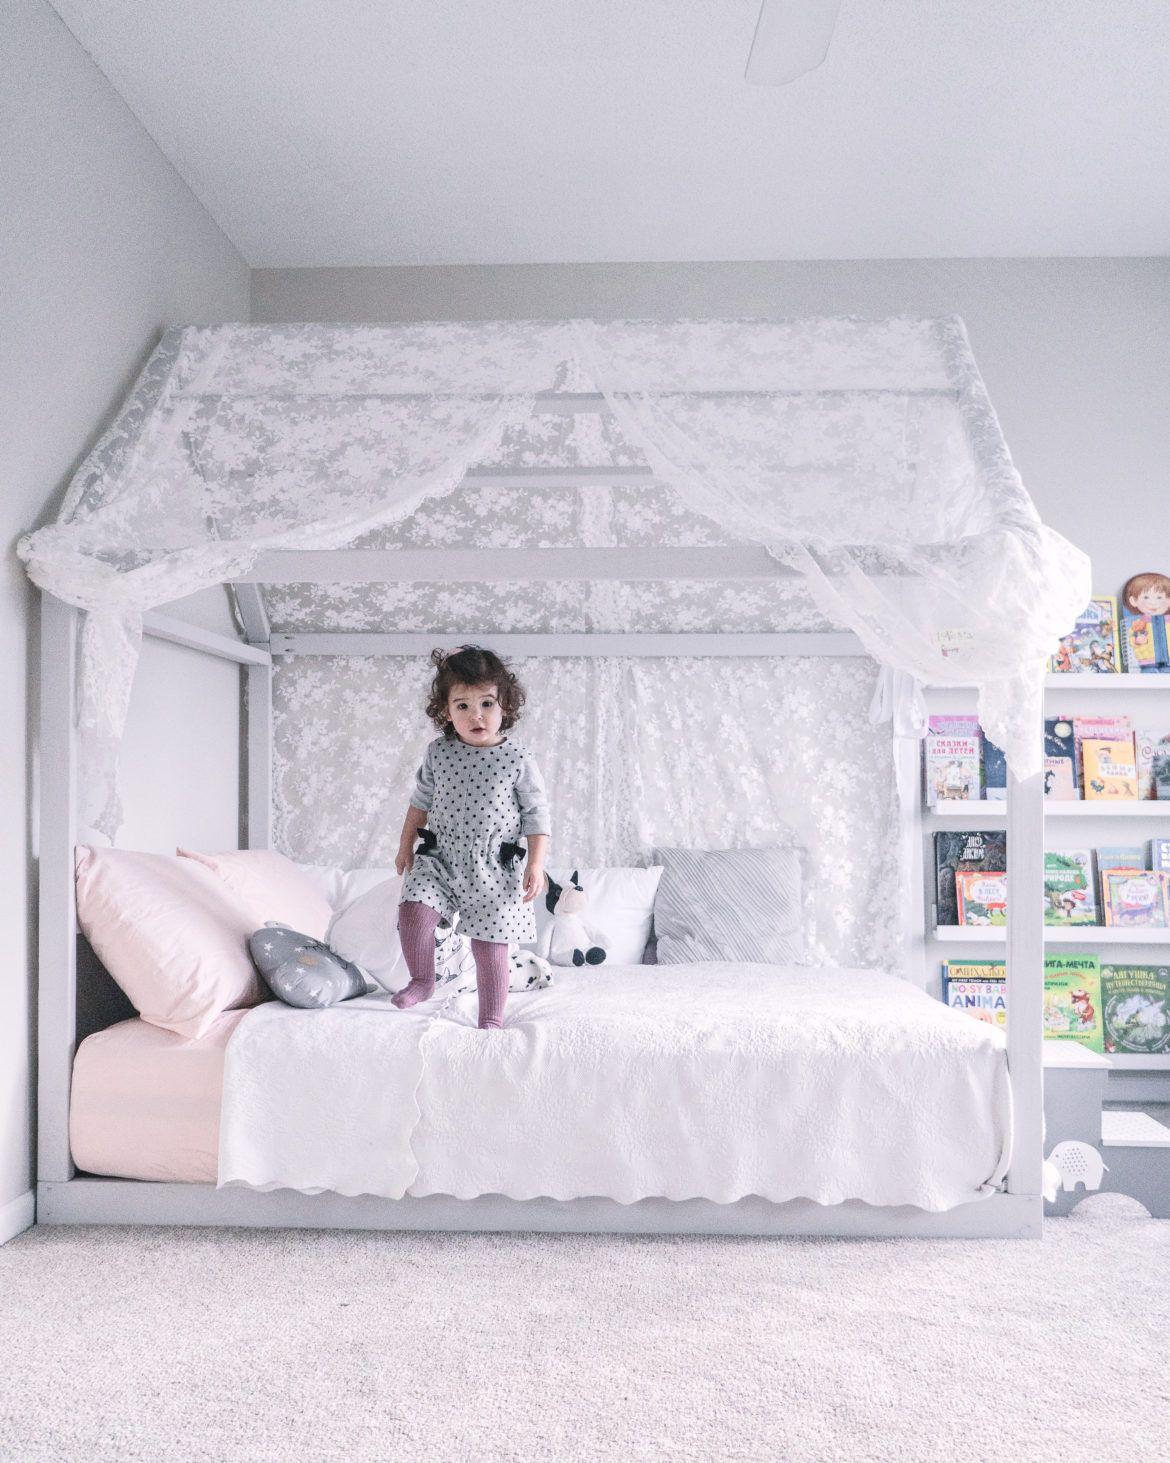 Diy montessori floor house bed in 2020 diy toddler bed